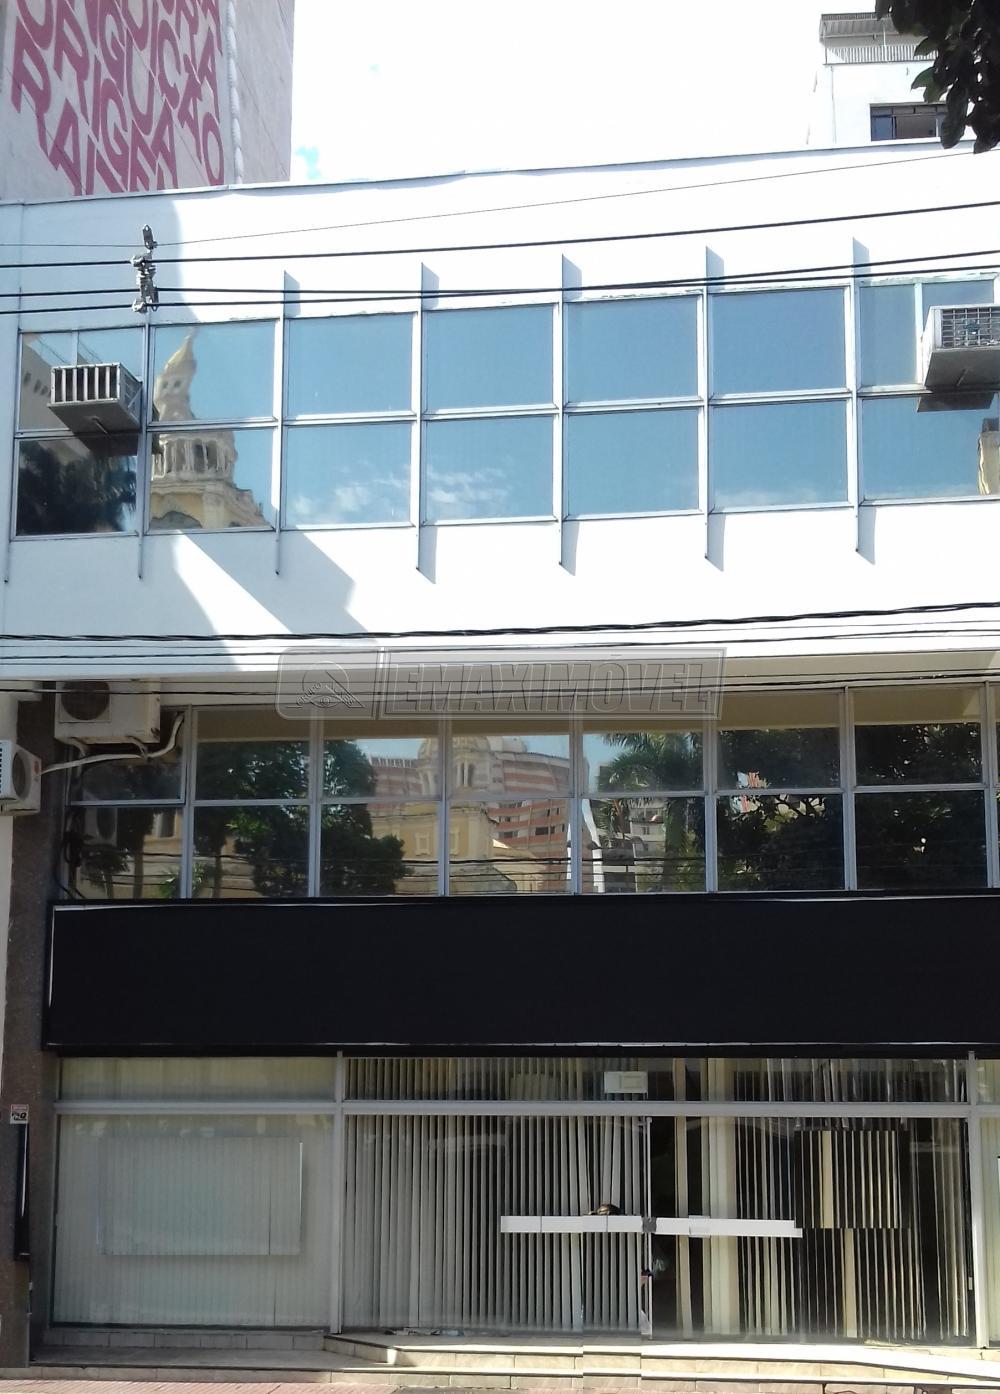 Alugar Comercial / Prédios em Sorocaba R$ 30.000,00 - Foto 1